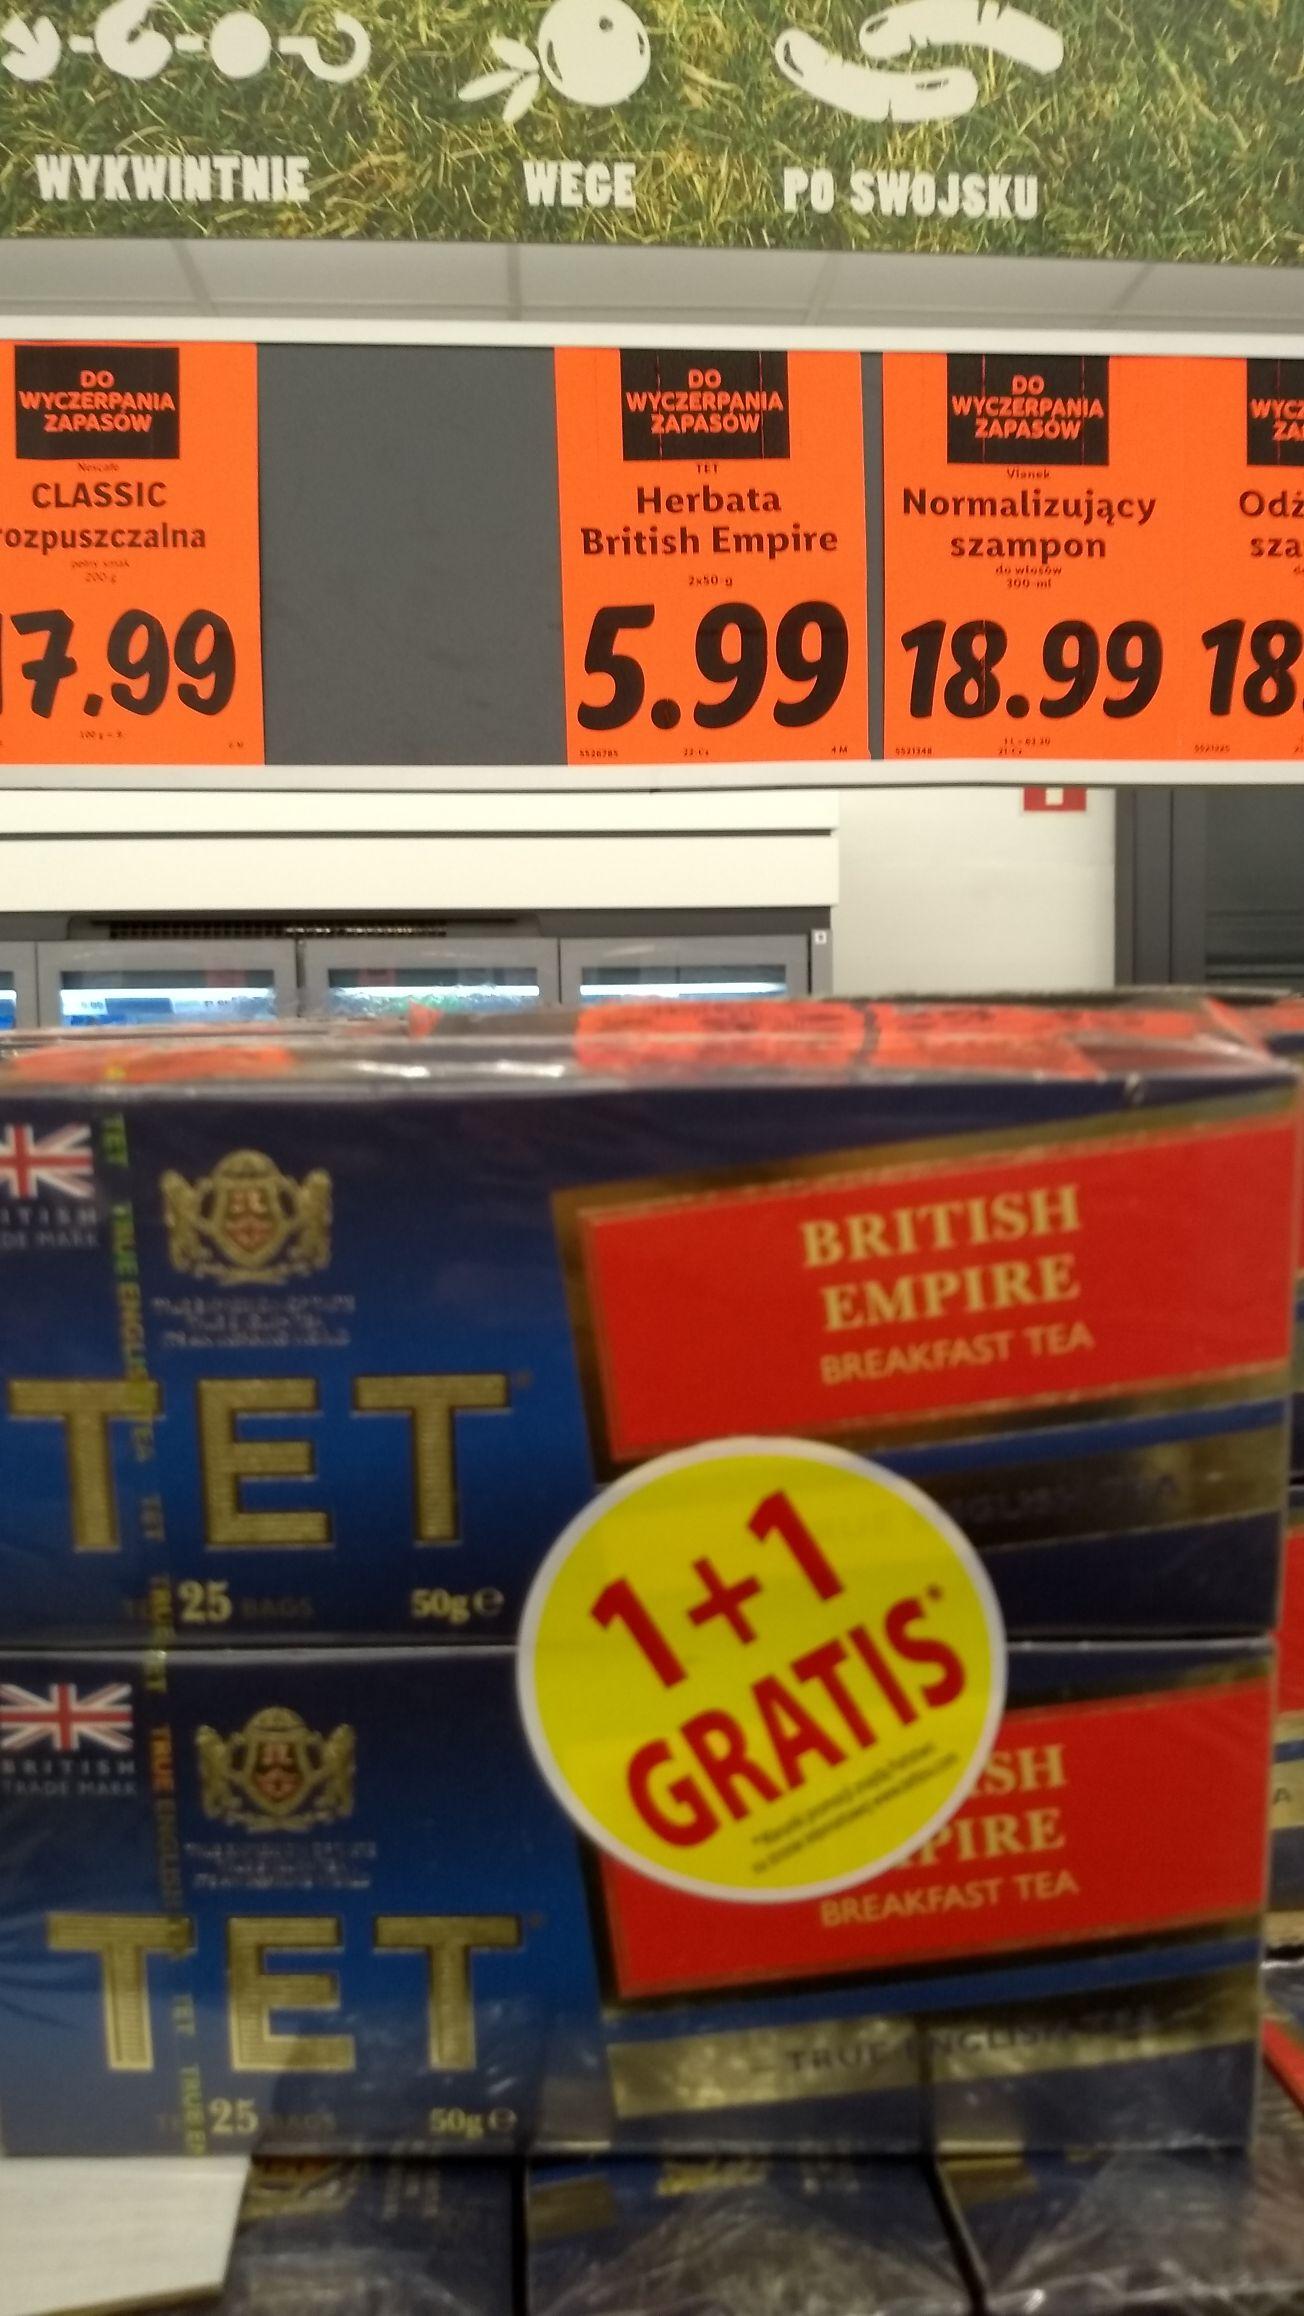 Herbata TET British Empire Breakfast tea 25 torebek 1+1 gratis, Lidl Szczecin